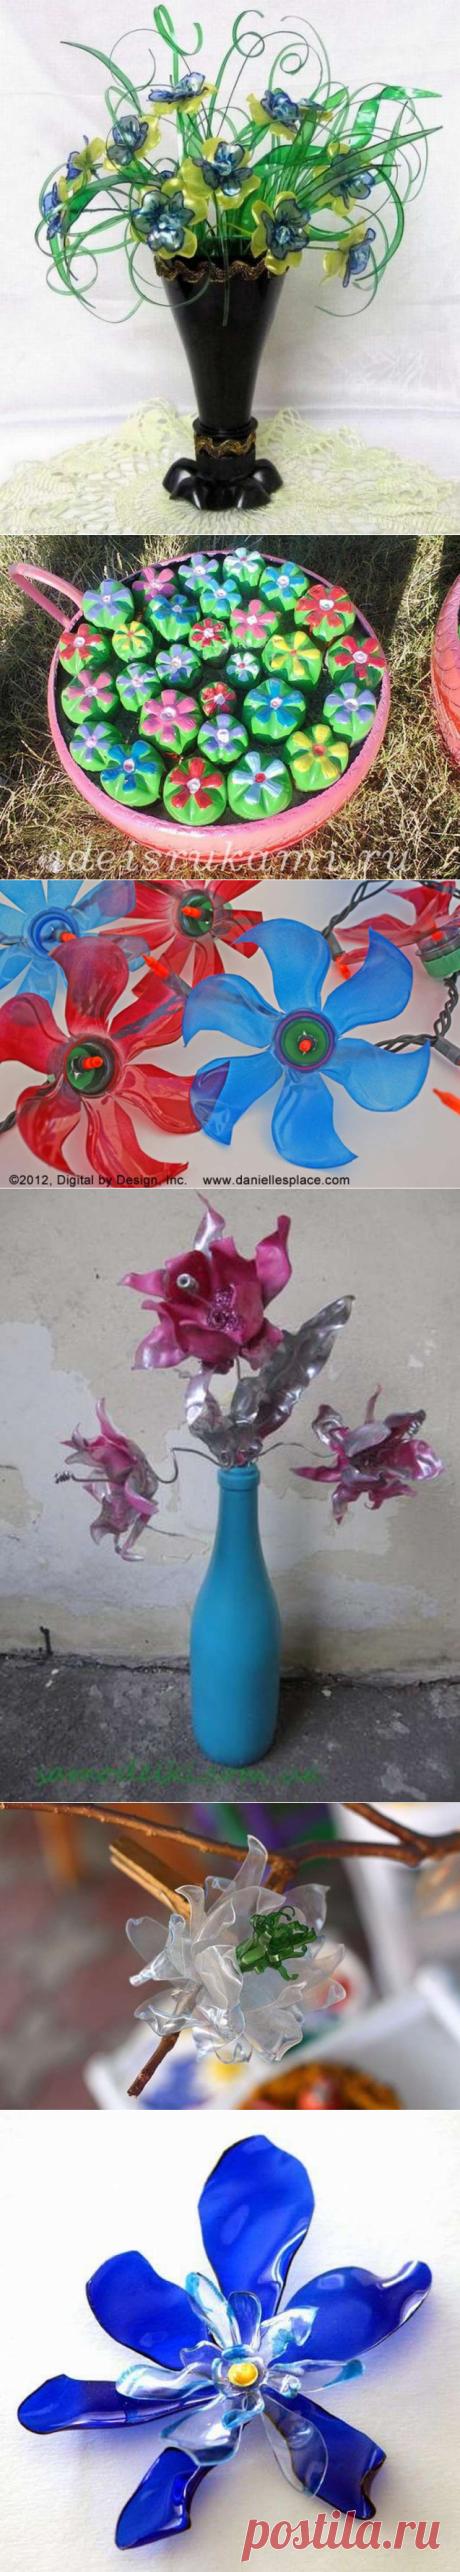 Цветы - поделки из пластиковых бутылок, 250  фото